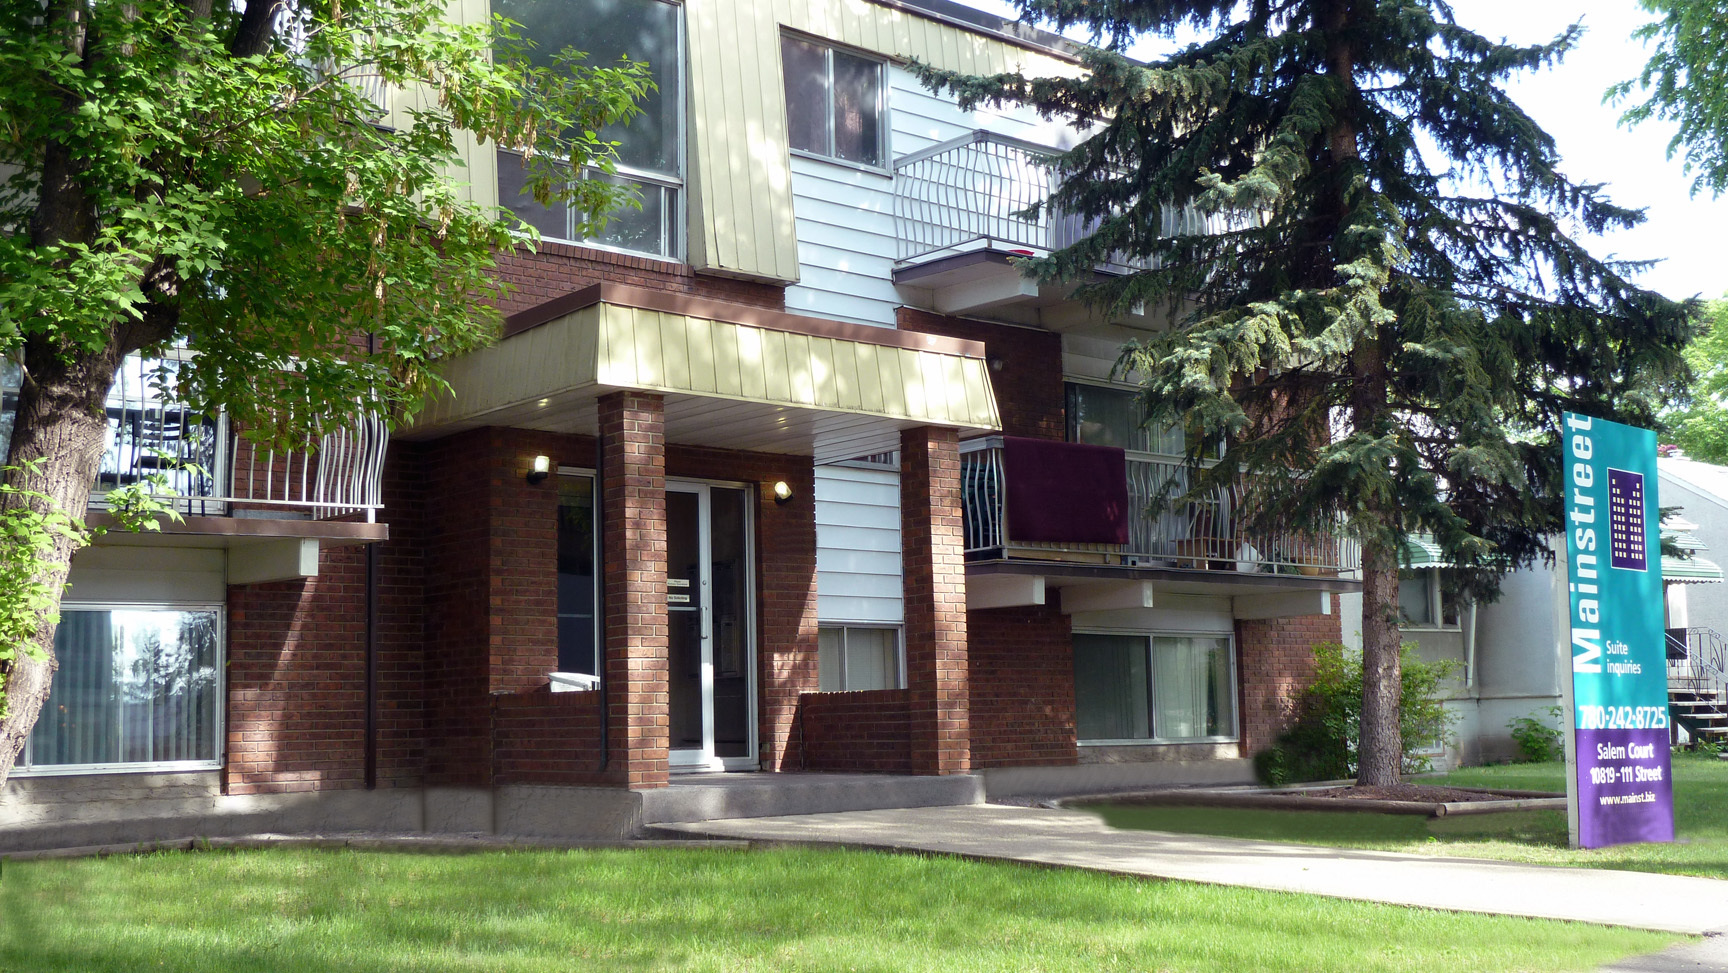 10819 111 Street NW, Edmonton, AB - $770